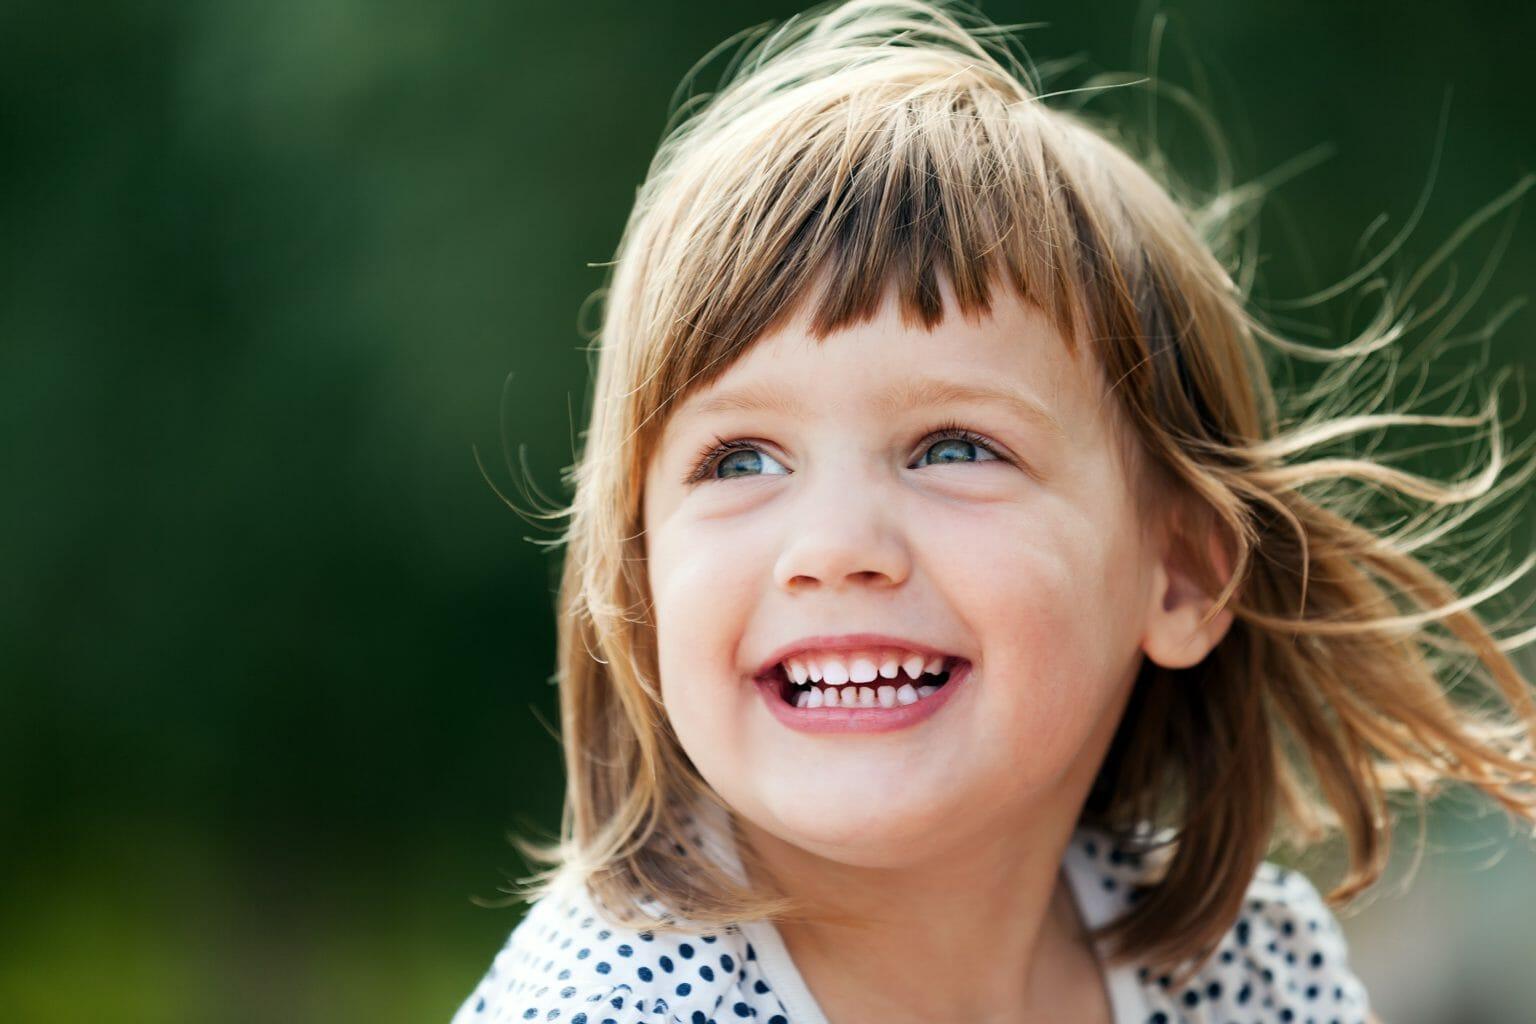 healthy-child-1536x1024